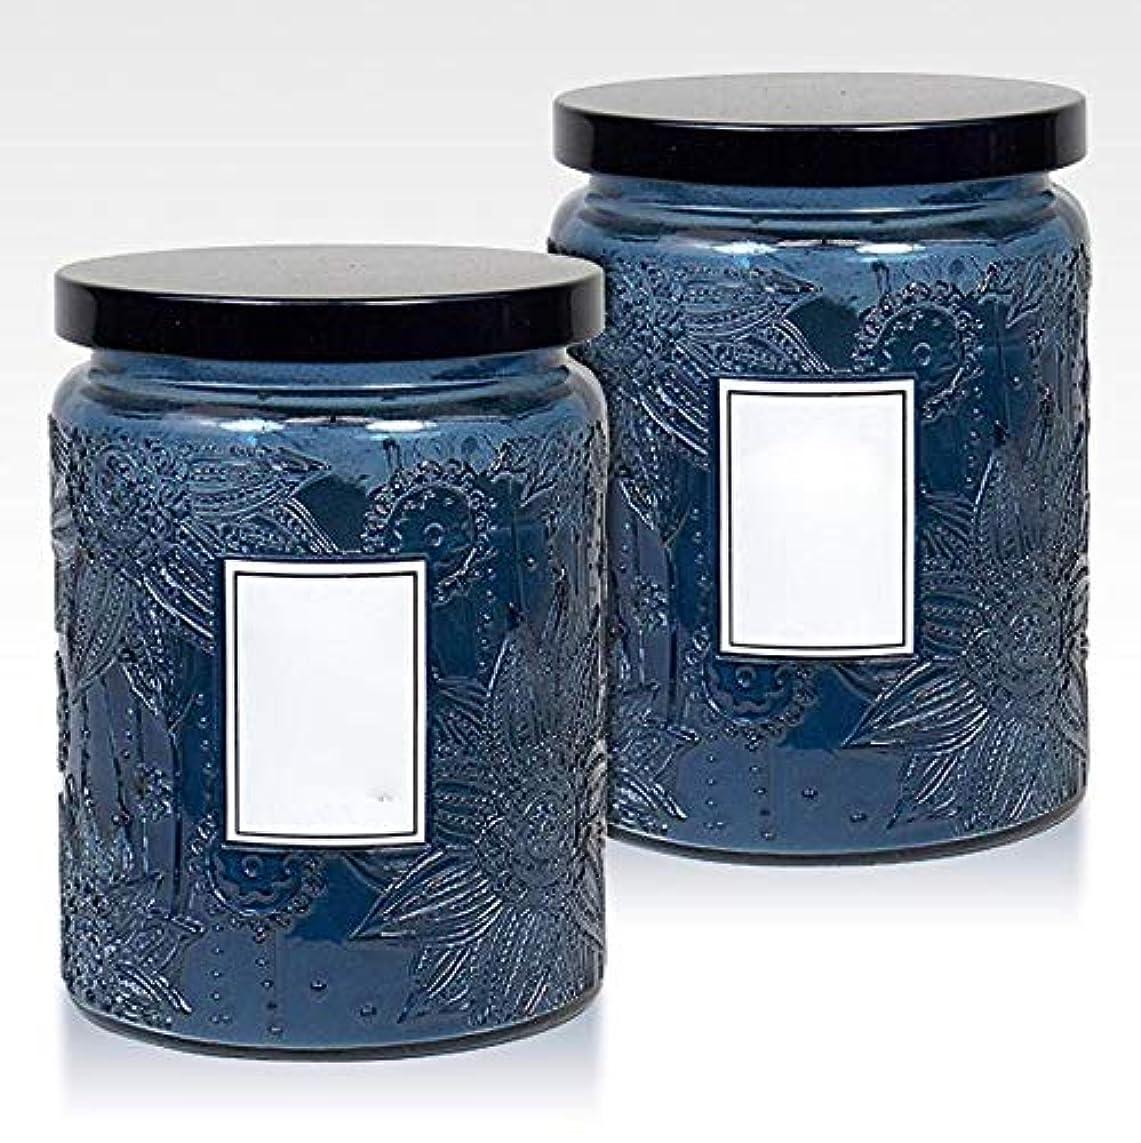 変更エールキャンプ16Oz大きい缶2つの中心の香料入りの蝋燭の環境に優しい植物の精油の大豆のワックスの無煙蝋燭セット(5箱)